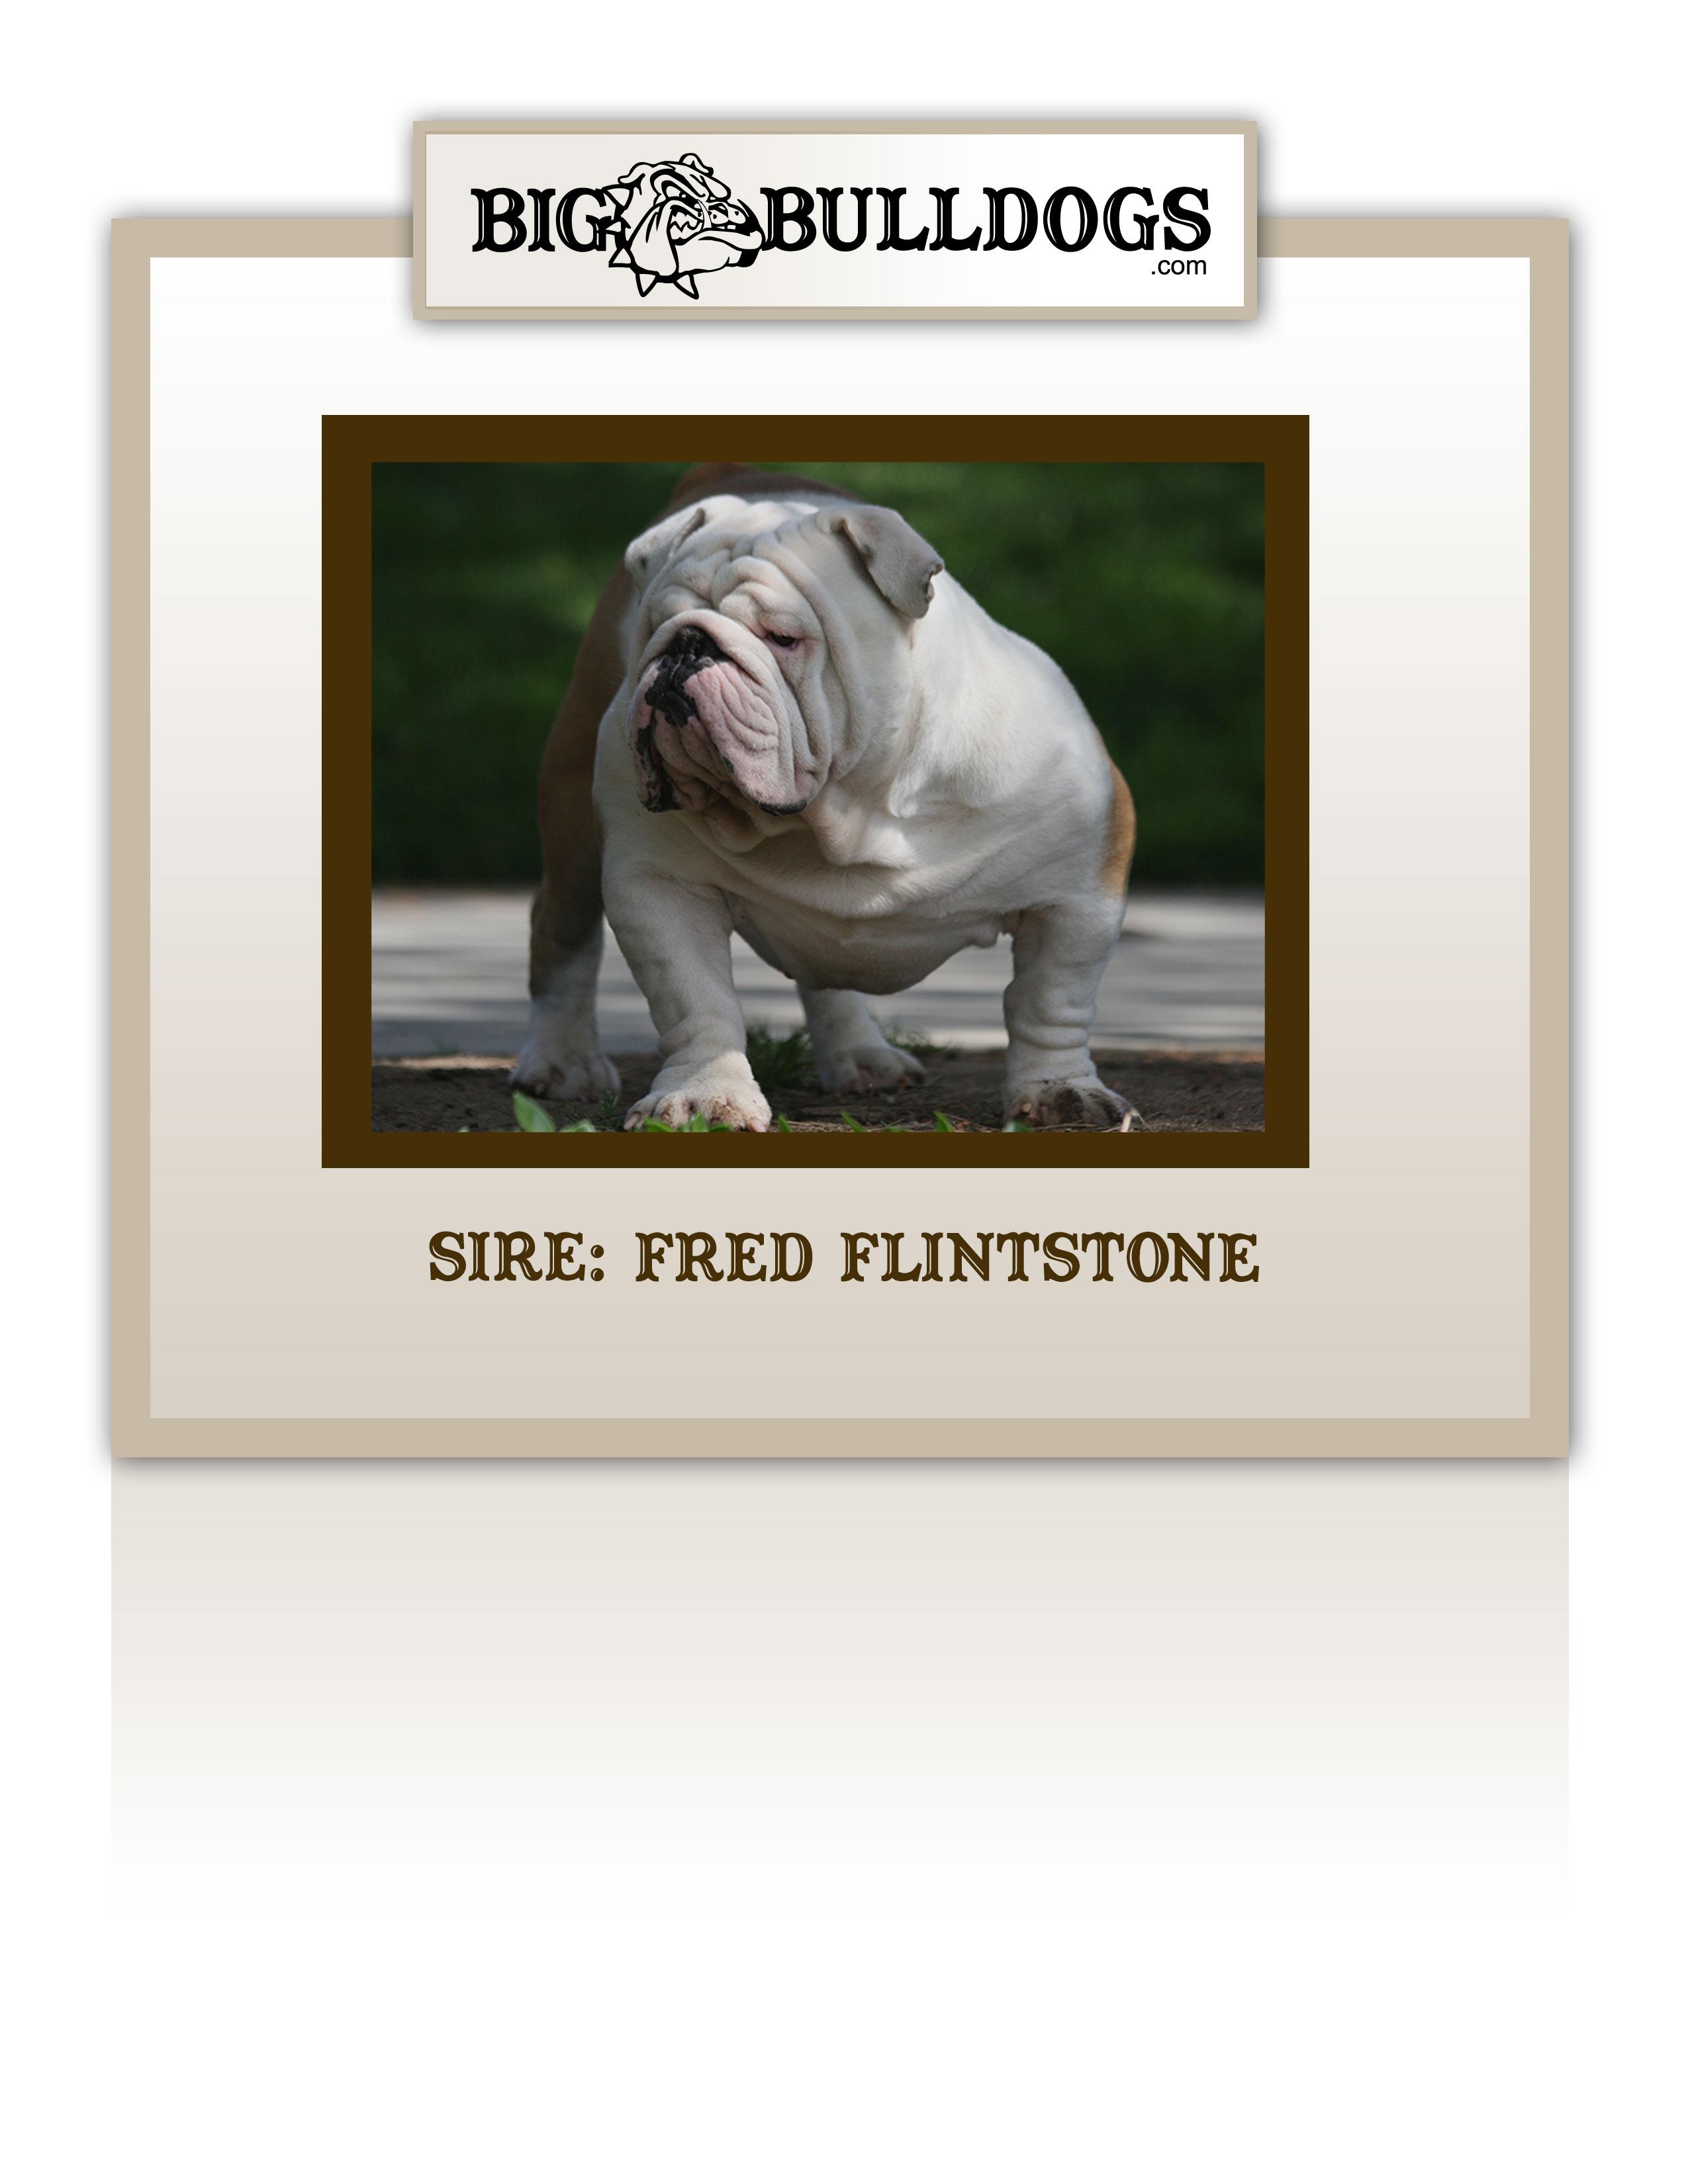 FRED-FLINTSTONE-M